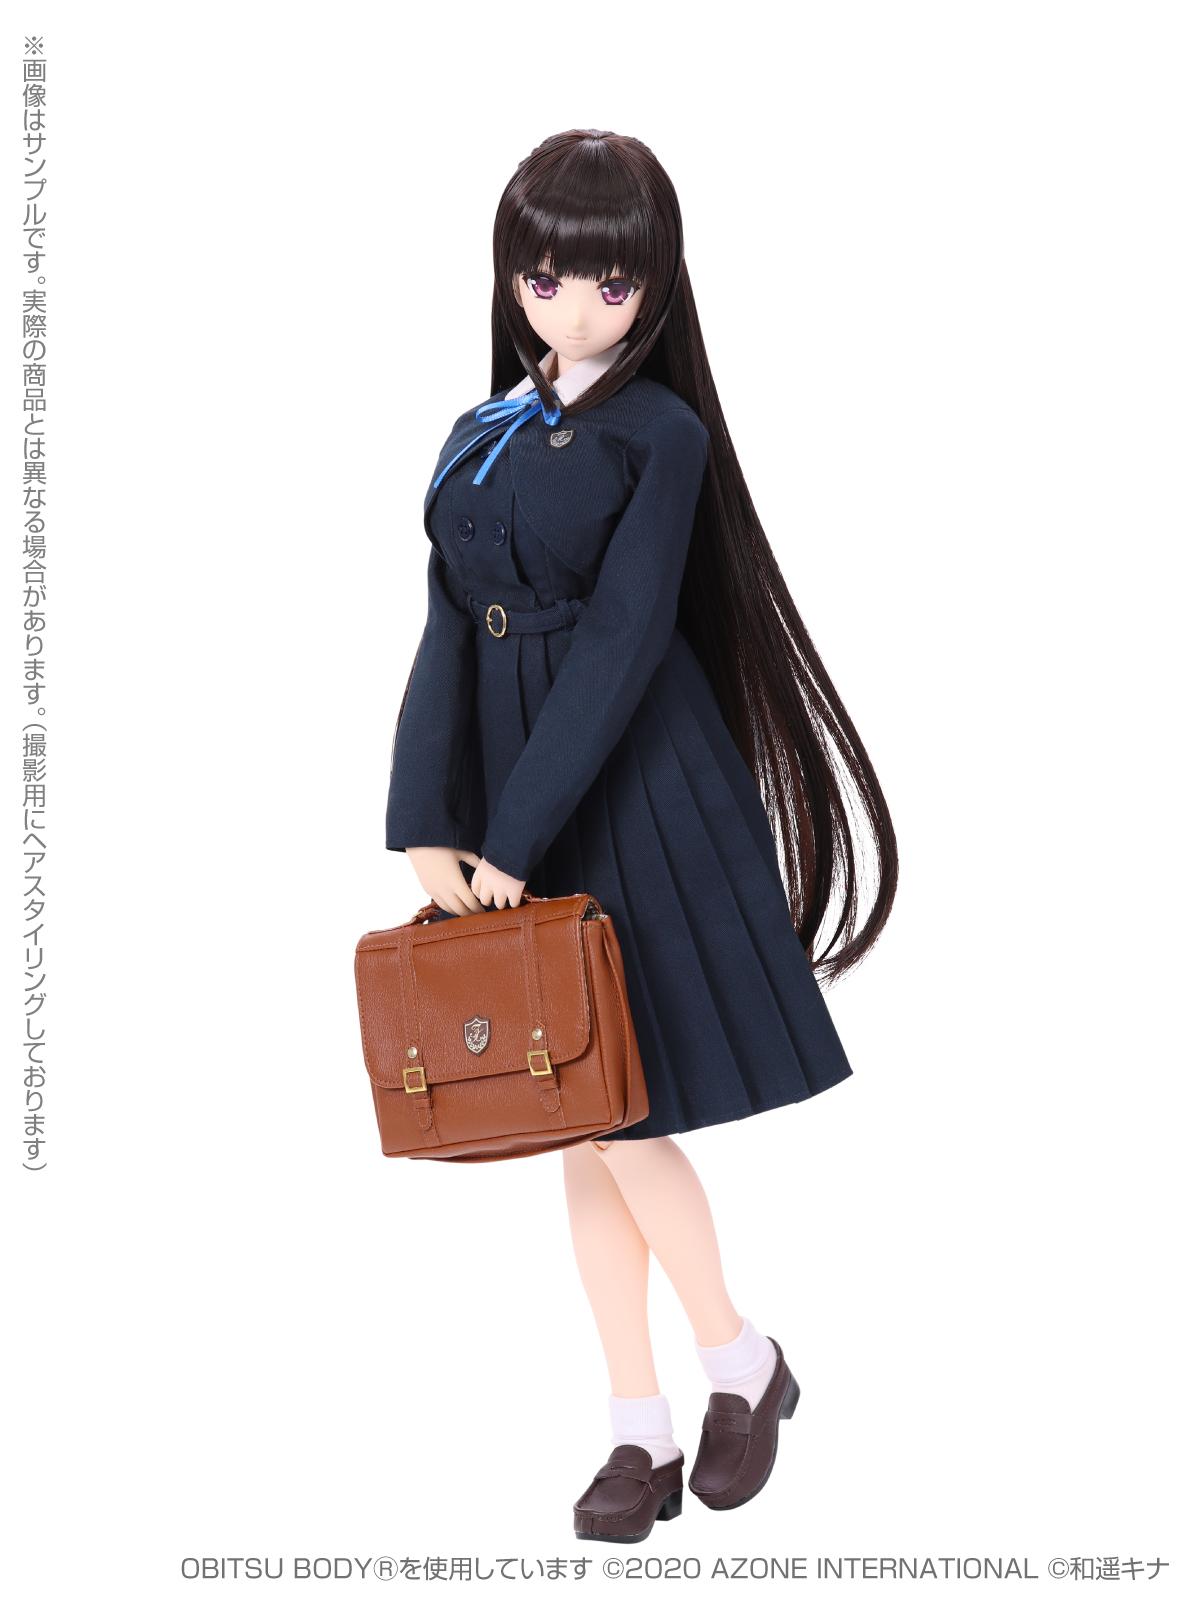 【限定販売】Happiness Clover『和遥キナ学校制服コレクション / ゆかりver.1.1』1/3 完成品ドール-003